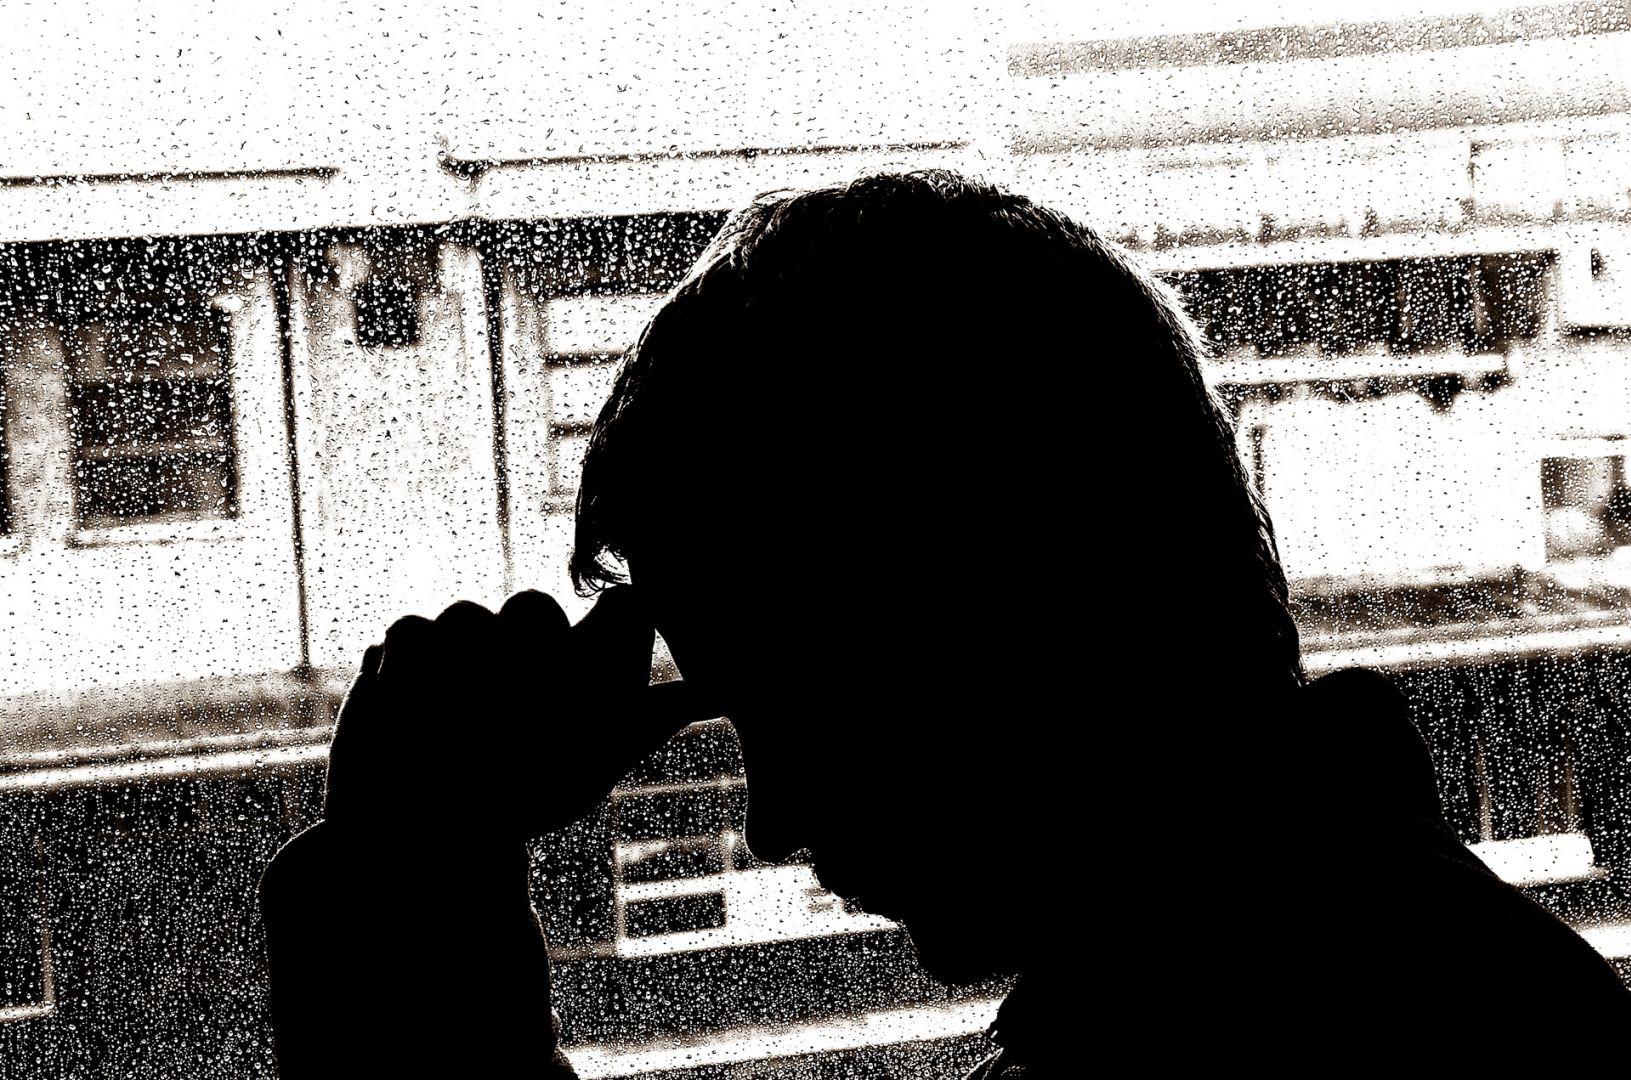 Назальный спрей для лечения депрессии отJohnson & Johnson одобрен консультативным комитетом FDA